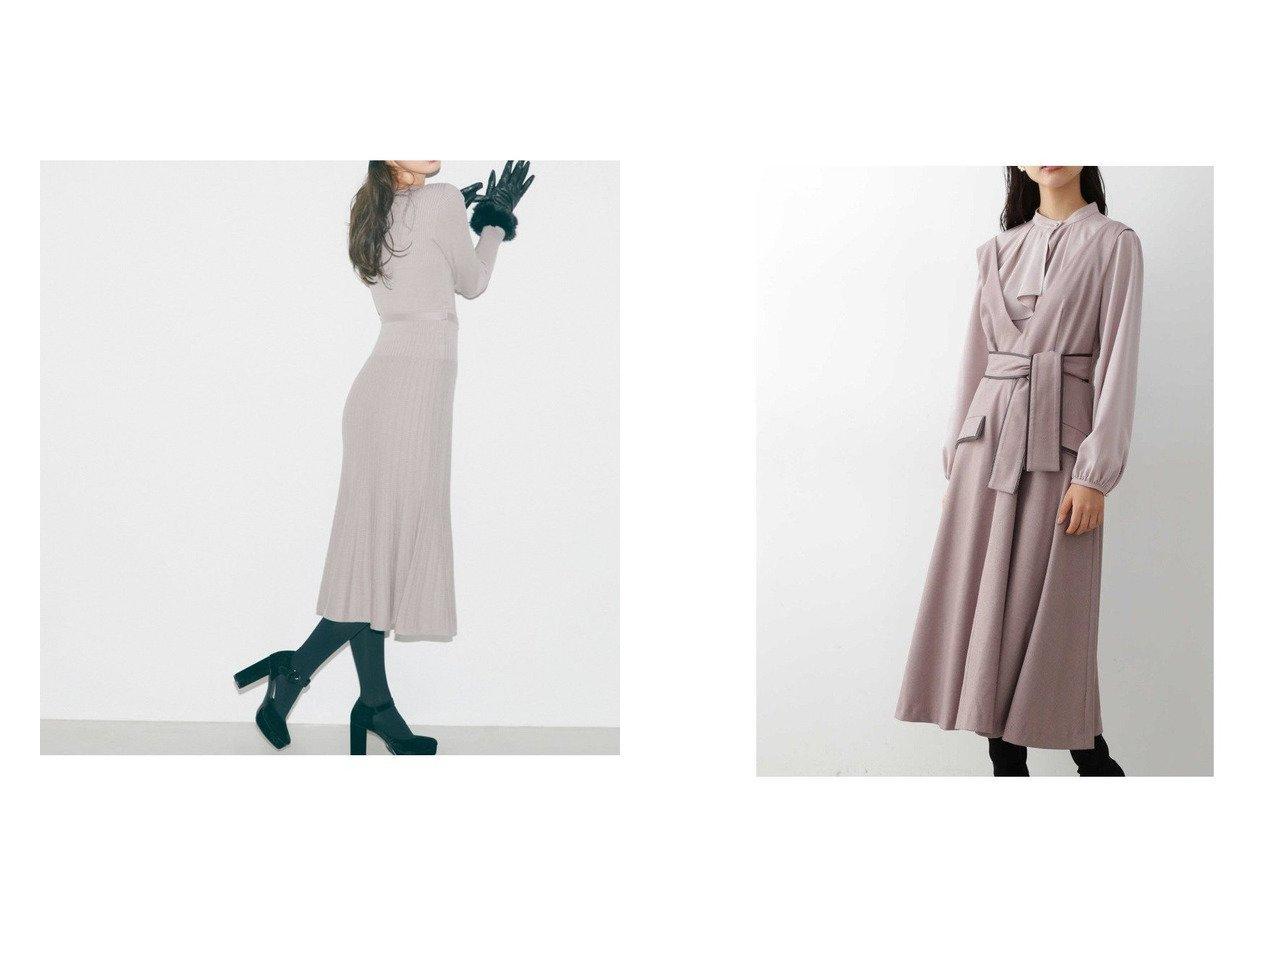 【JILL by JILLSTUART/ジルバイジルスチュアート】のスカシマーメイドニットワンピース&パイピングツイードワンピース ワンピース・ドレスのおすすめ!人気、トレンド・レディースファッションの通販  おすすめで人気の流行・トレンド、ファッションの通販商品 メンズファッション・キッズファッション・インテリア・家具・レディースファッション・服の通販 founy(ファニー) https://founy.com/ ファッション Fashion レディースファッション WOMEN ワンピース Dress ニットワンピース Knit Dresses シンプル フラット プリーツ マーメイド メタル リボン ワンポイント 透かし パイピング フェイクレザー フラップ  ID:crp329100000010131